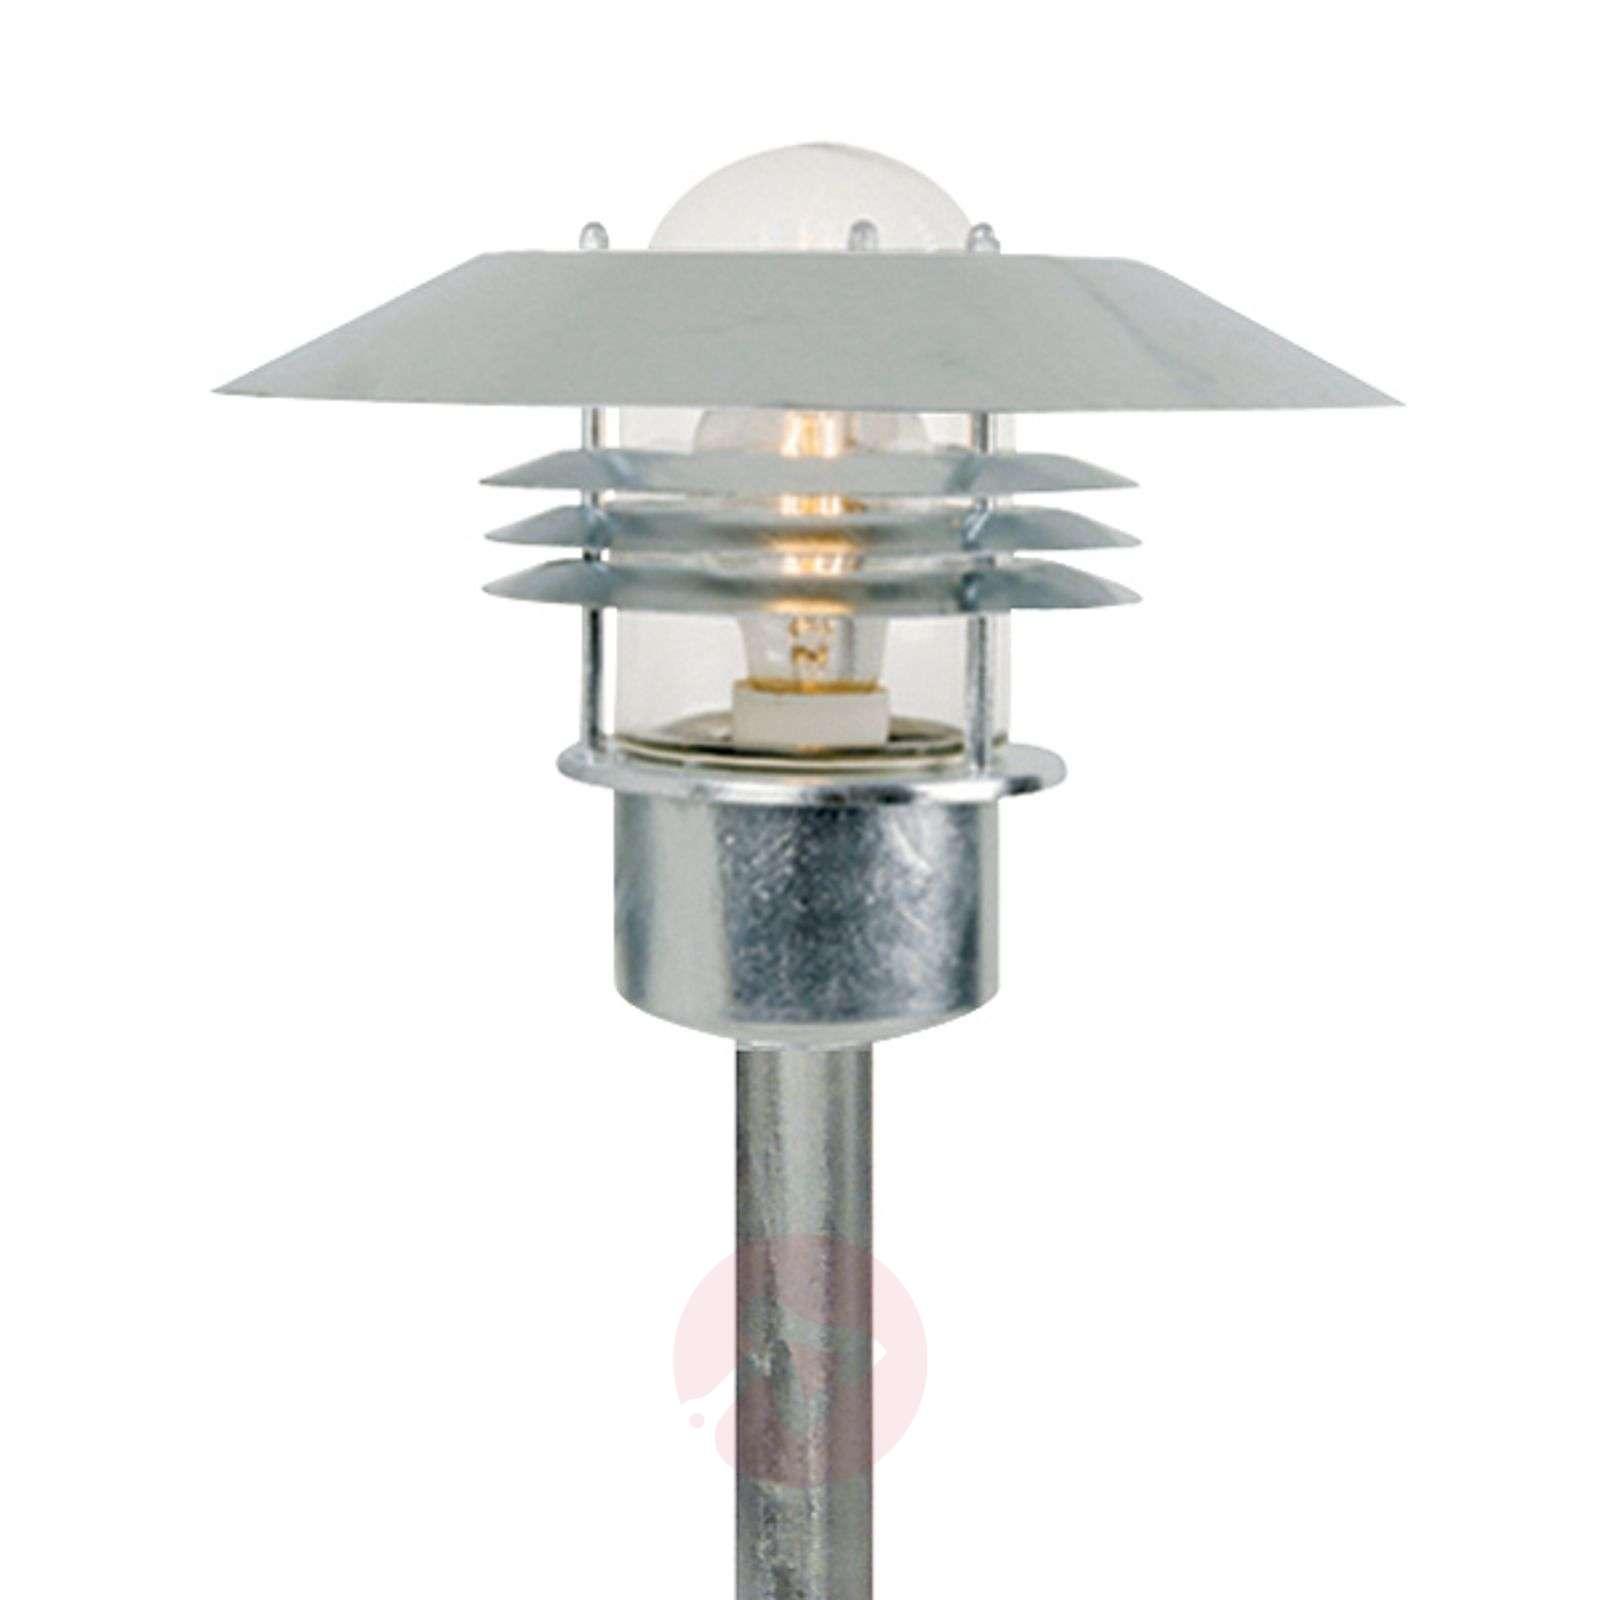 Korkeussäädettävä mastovalo Vejers-7005590-01